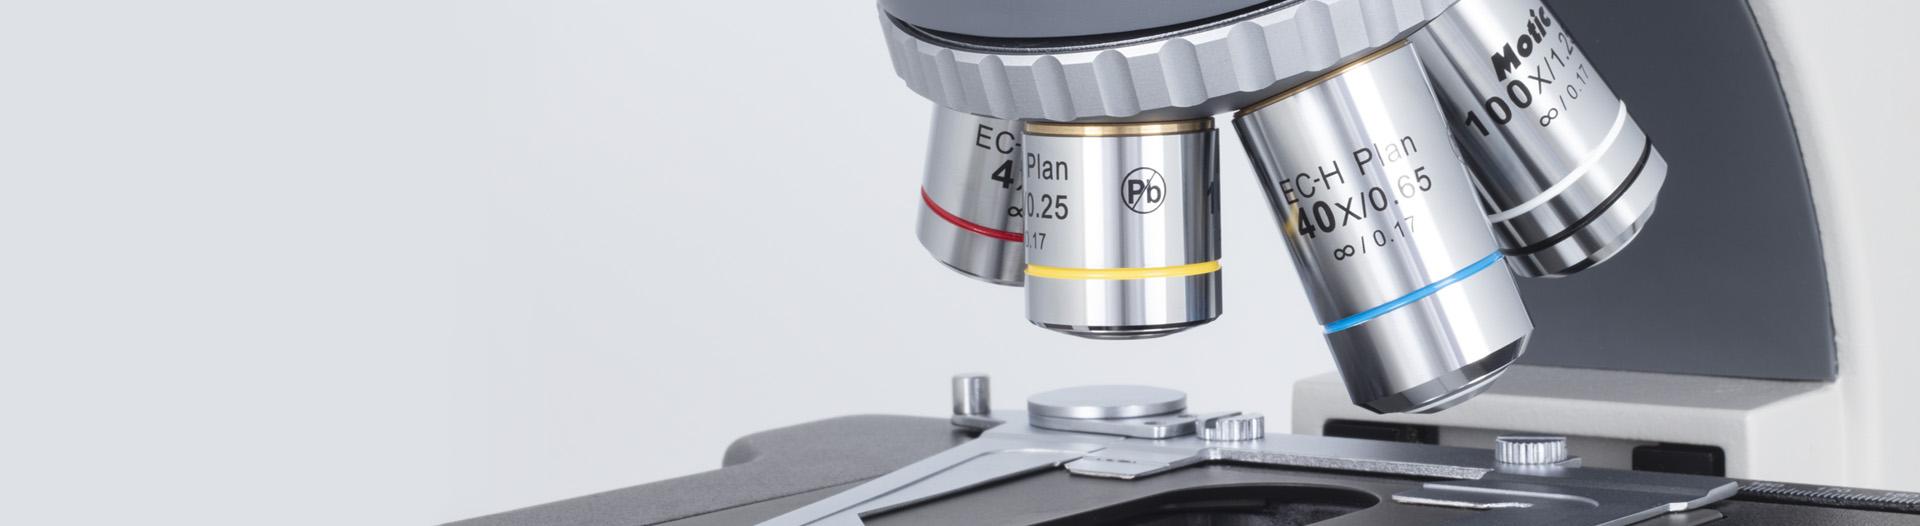 BA410E microscope Optics